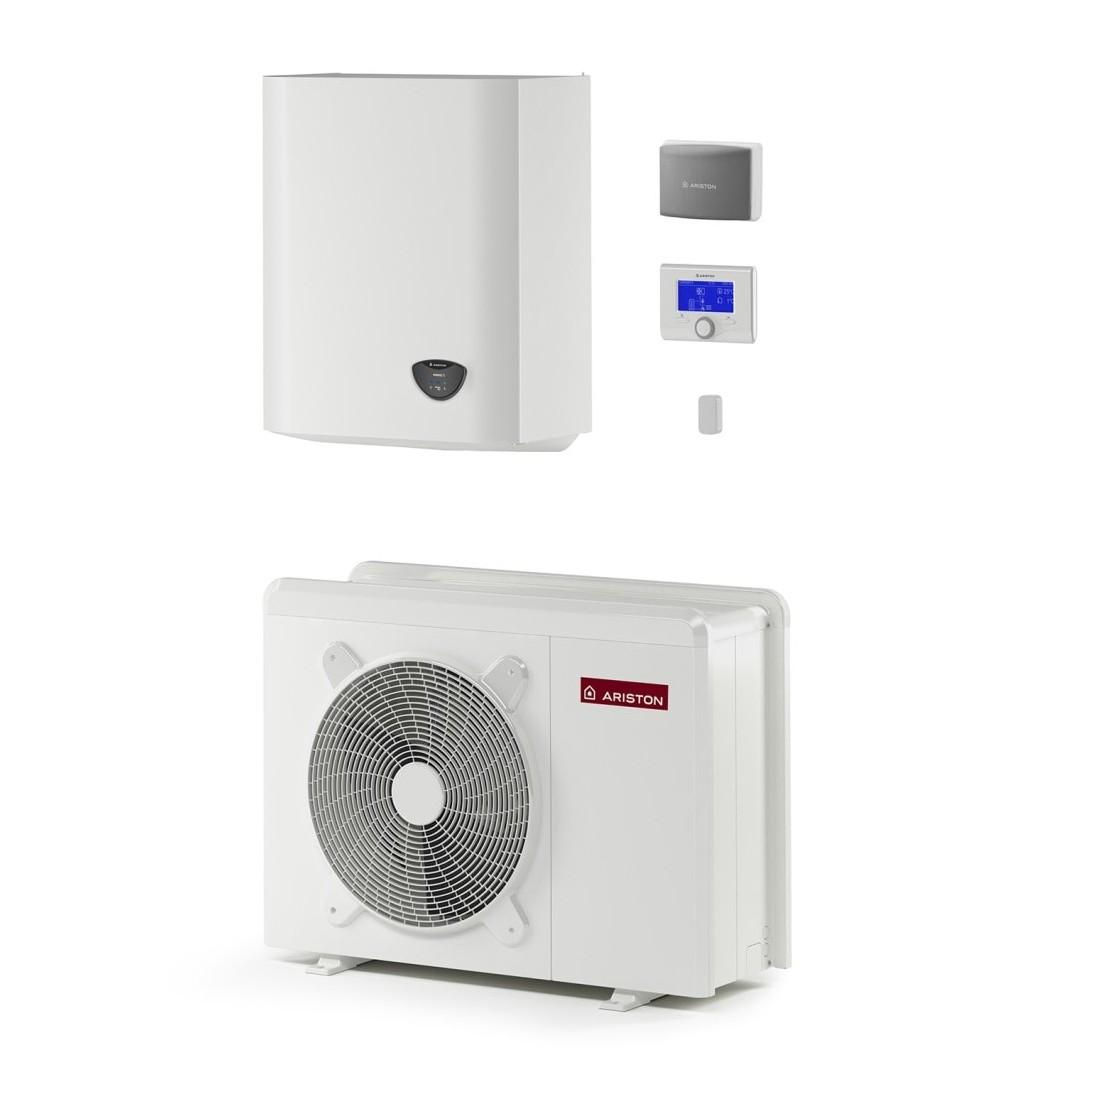 Šilumos siurblys Oras-Vanduo Ariston Nimbus, Plus, 90 S Net 14 kW Φ3, su Wi-Fi